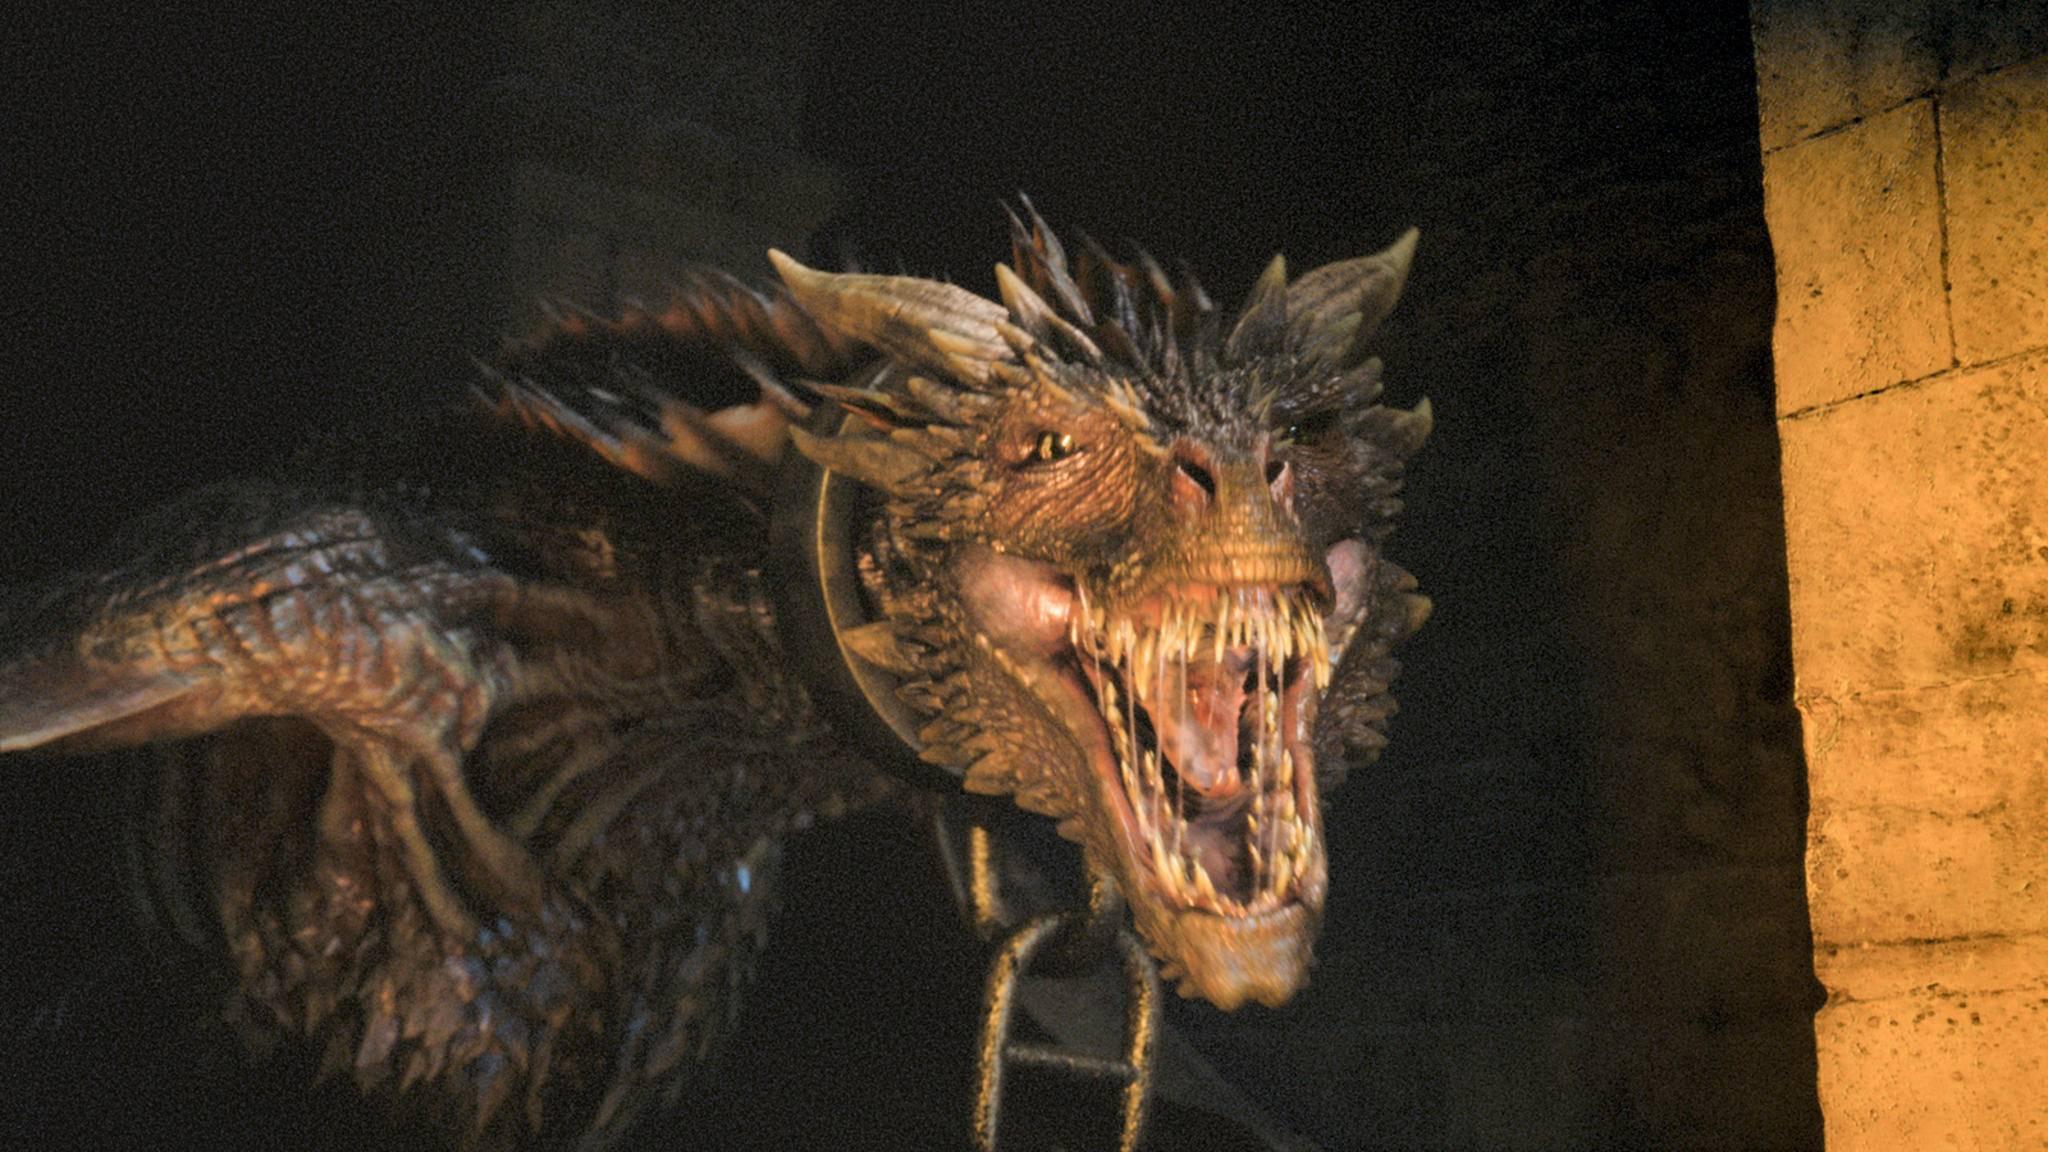 Allein für die CGI-Aufnahmen der Drachen –sofern es welche geben wird – dürfte einiges an Budget draufgehen.